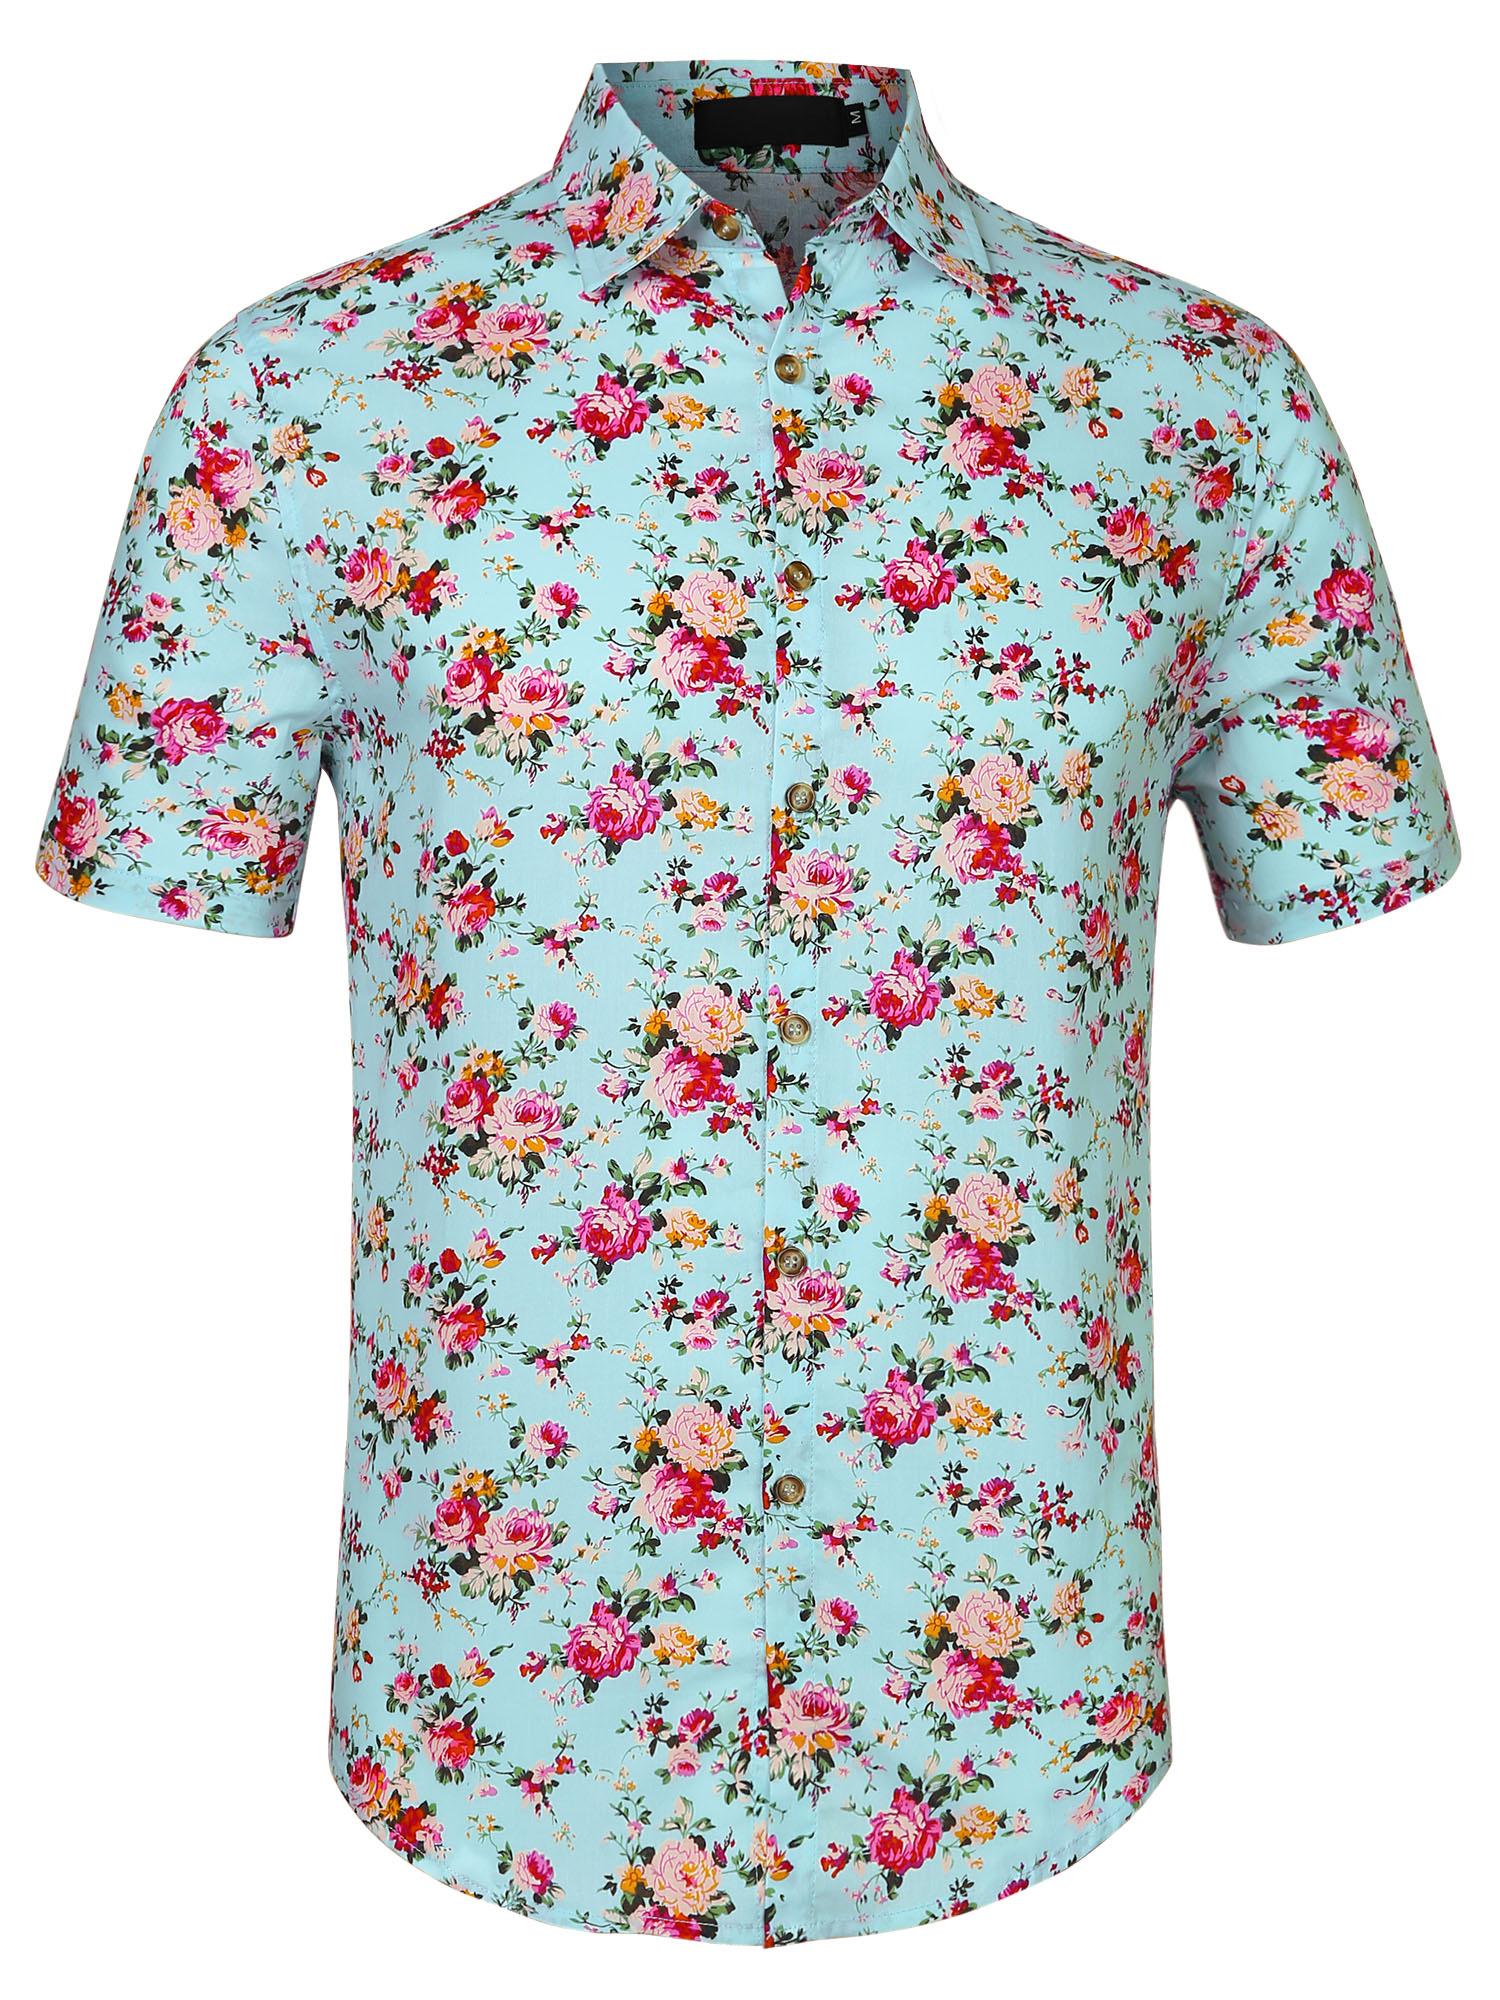 Men Flower Print Short Sleeve Button Front Cotton Hawaiian Shirt Mint S